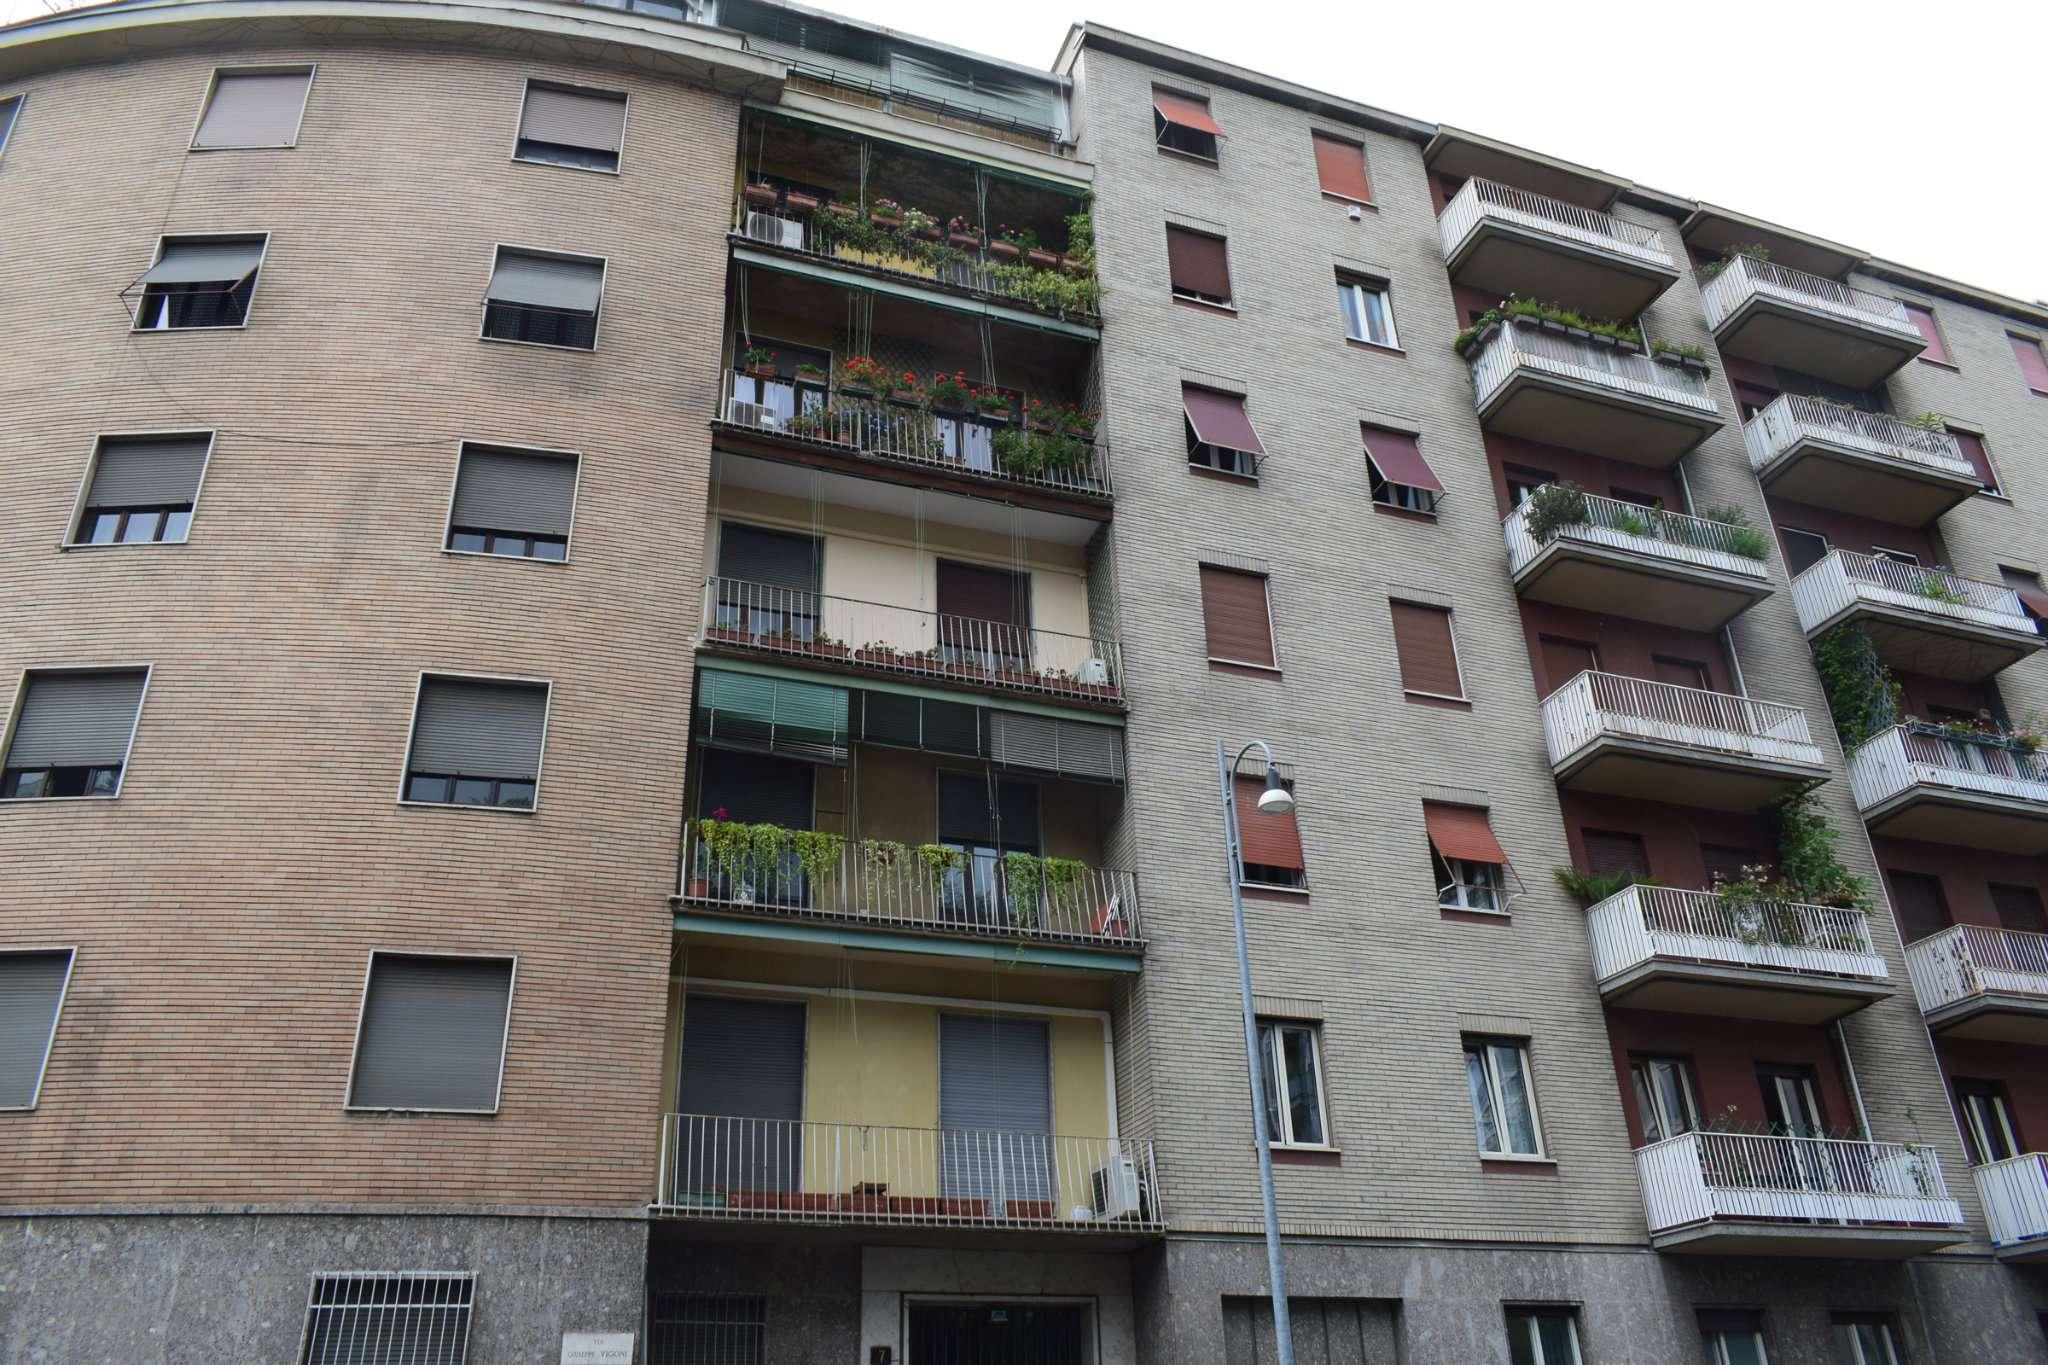 Box garage milano affitto 170 zona 1 centro storico duomo - Immobile non soggetto all obbligo di certificazione energetica ...